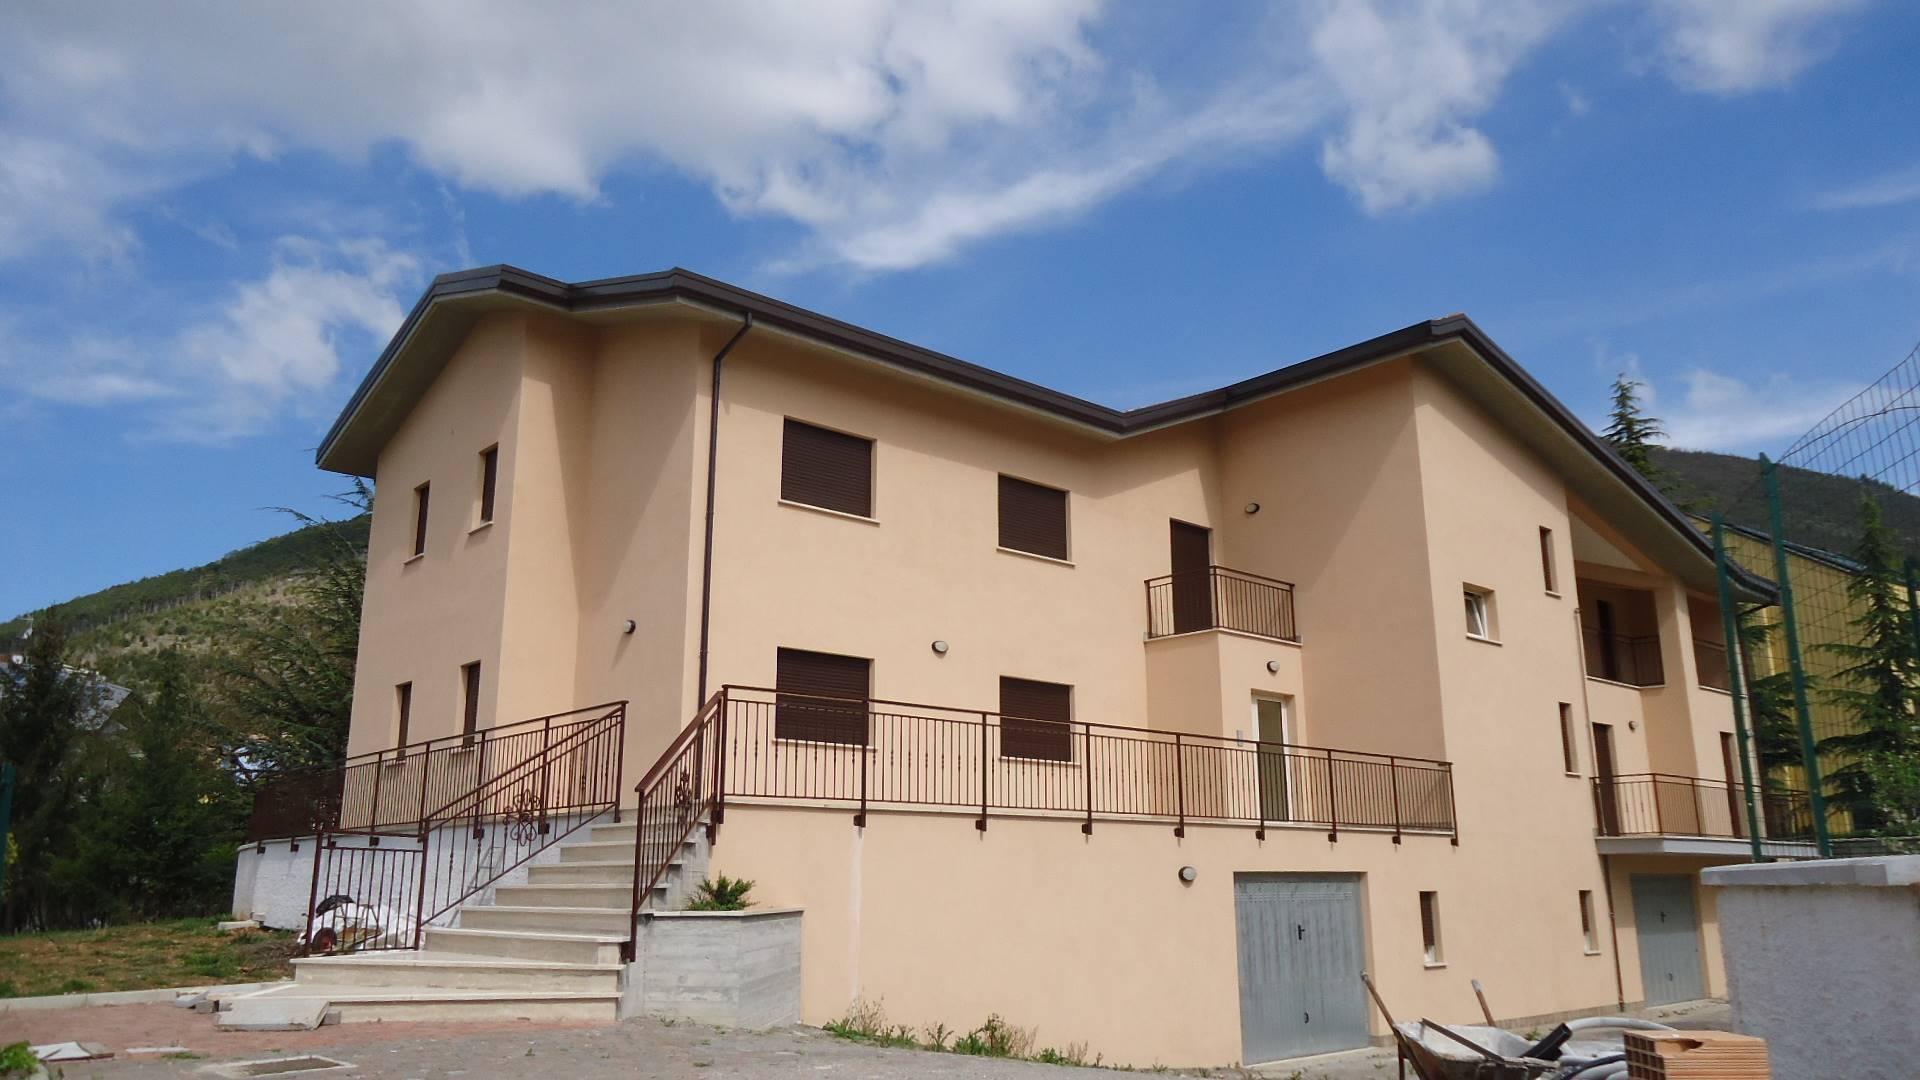 Villa in vendita a L'Aquila, 10 locali, zona Località: SanGiuliano, Trattative riservate | CambioCasa.it